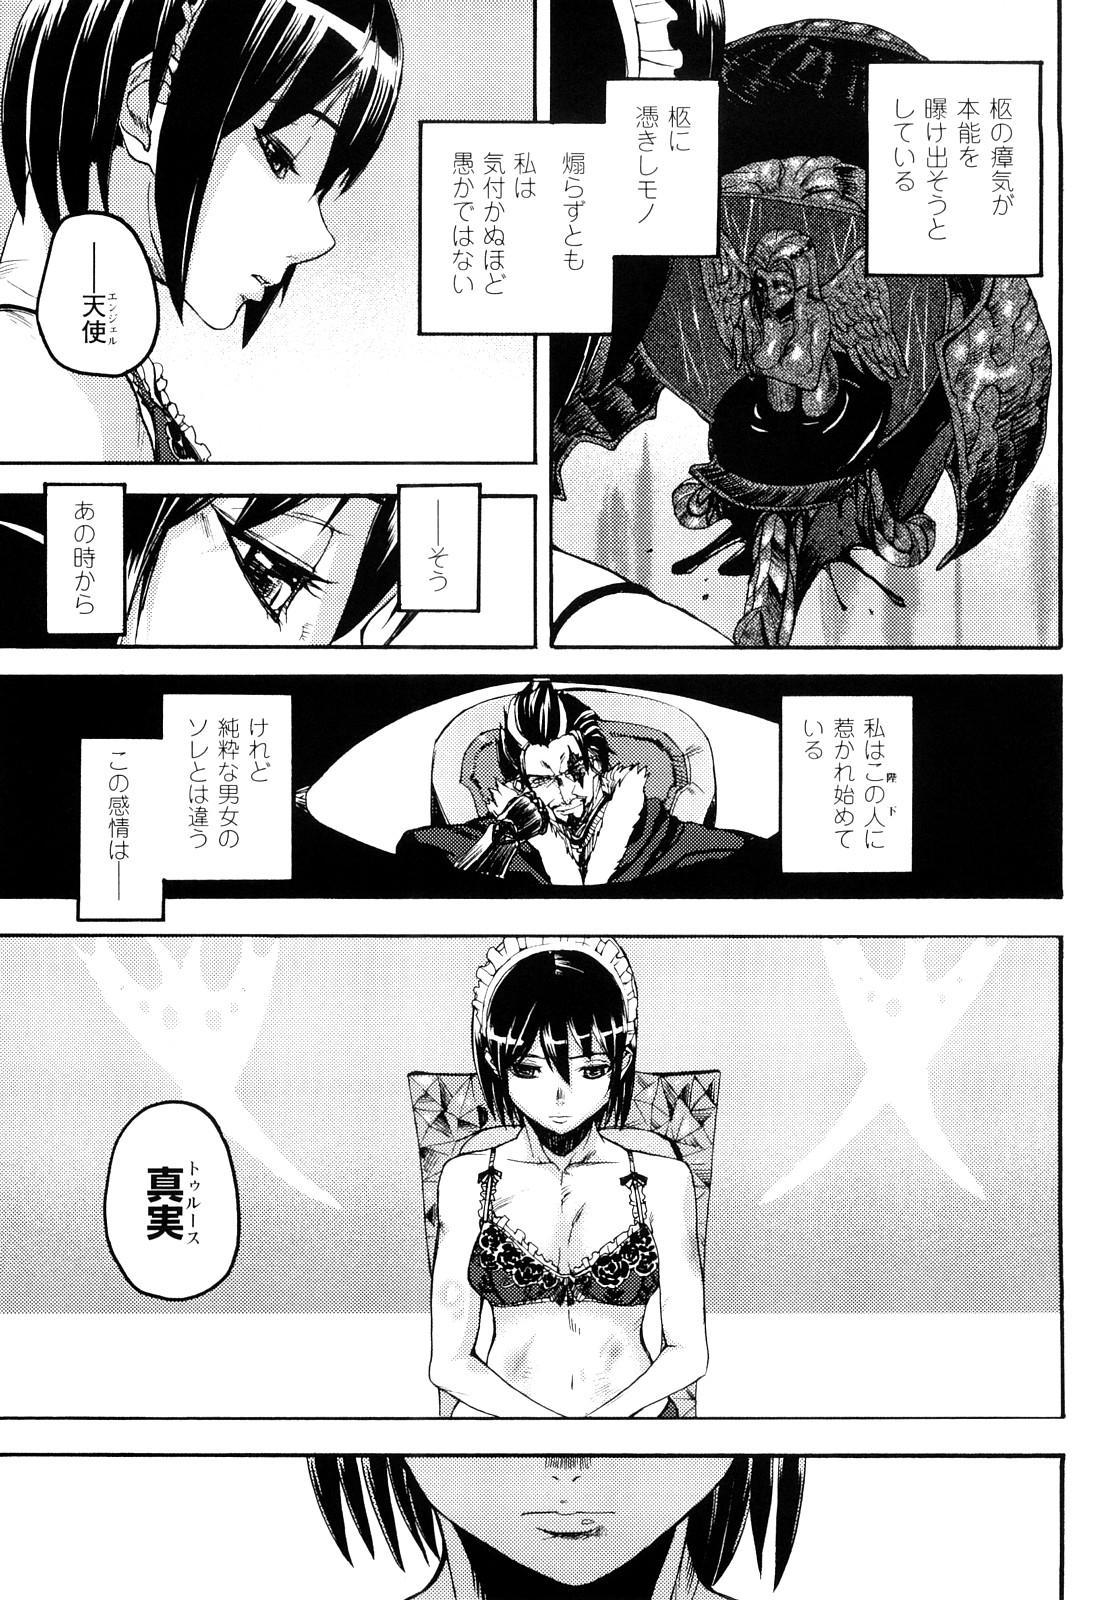 Cerberum no Hitsugi Haitoku no Hanmegami - The Coffin of Cerebrum Immoral Demivenus 67